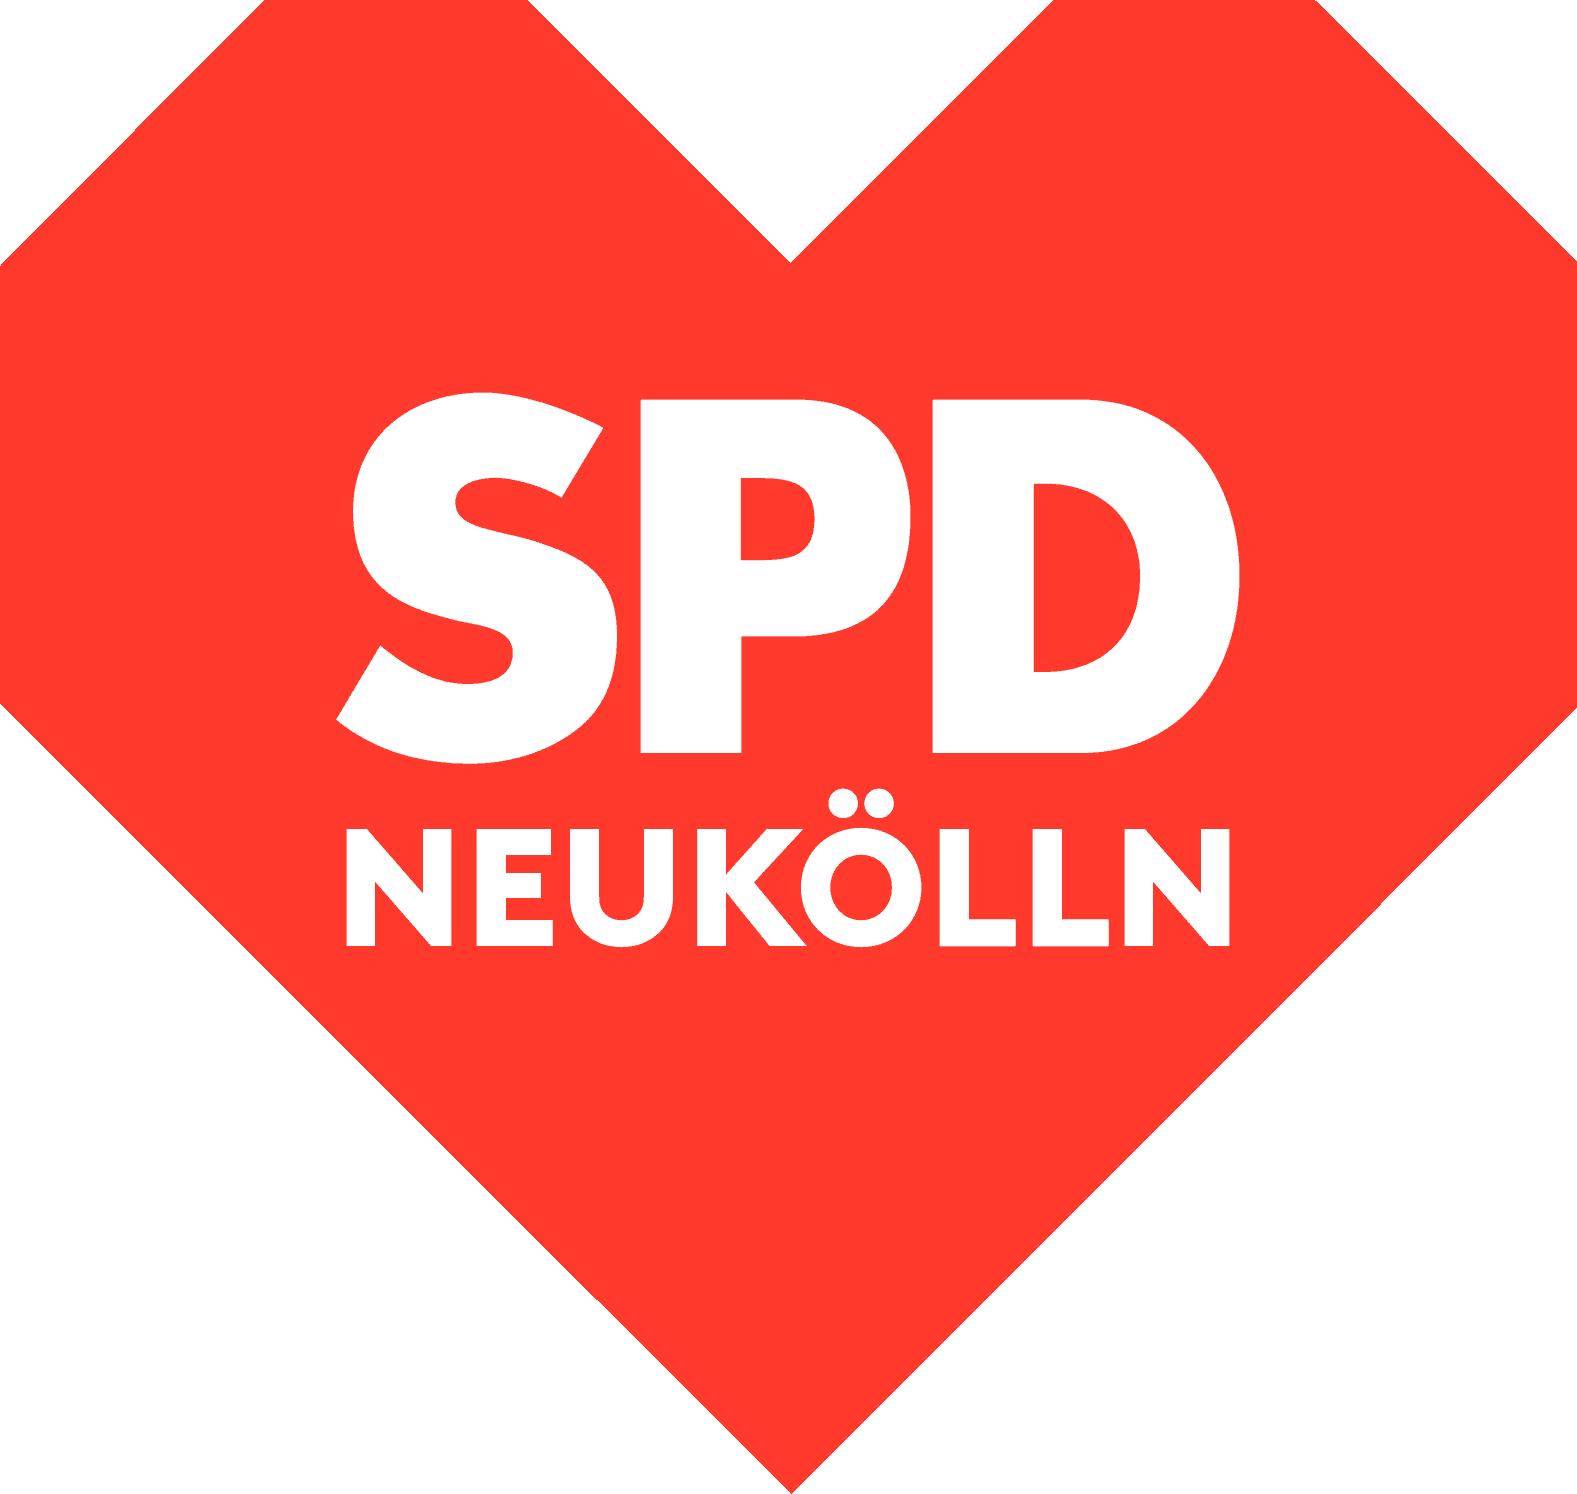 SPD Neukölln